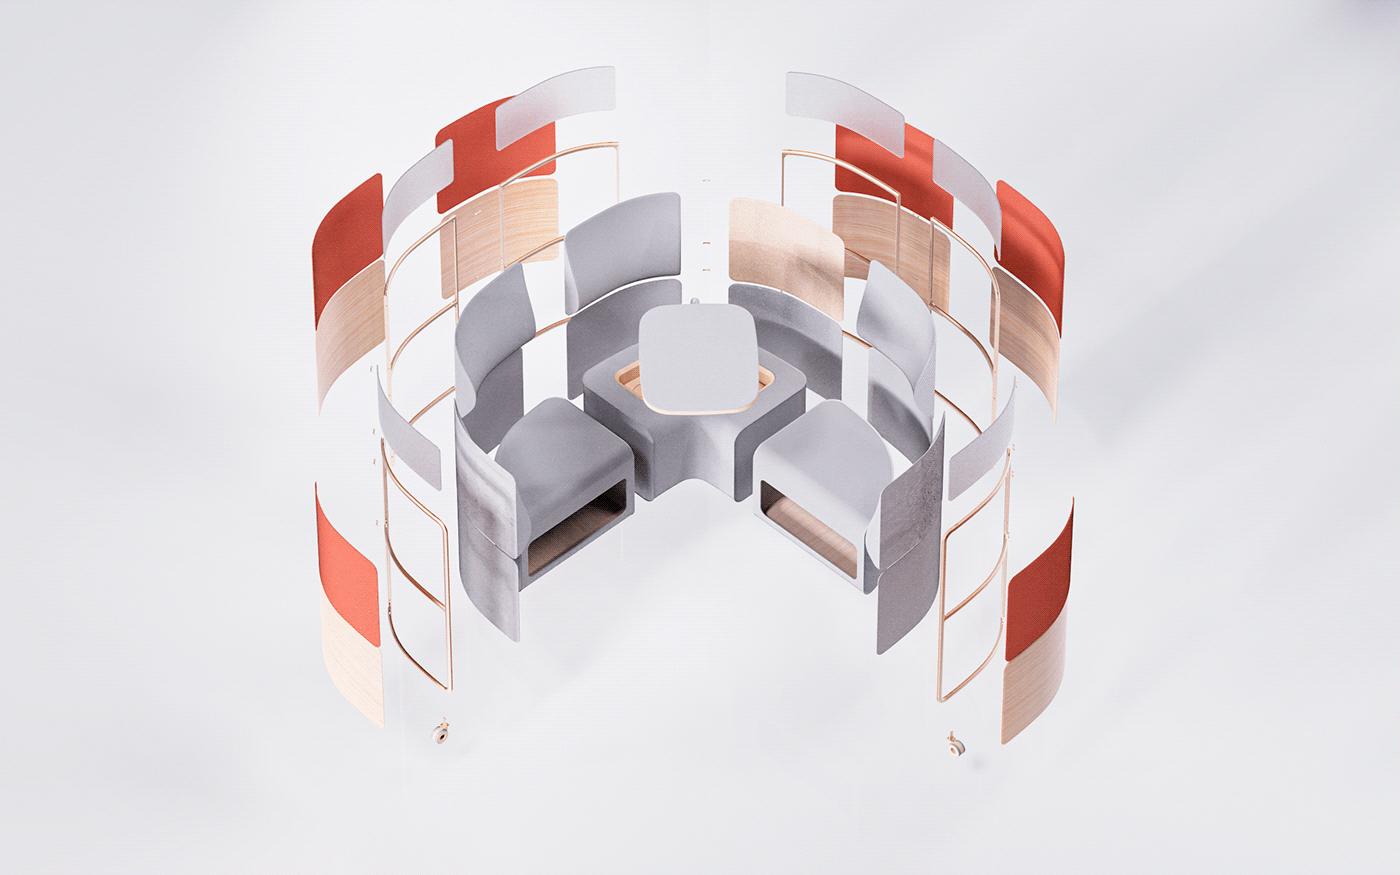 furniture interior design  office furniture product design  rendering worstation COVid design model 3d workstation